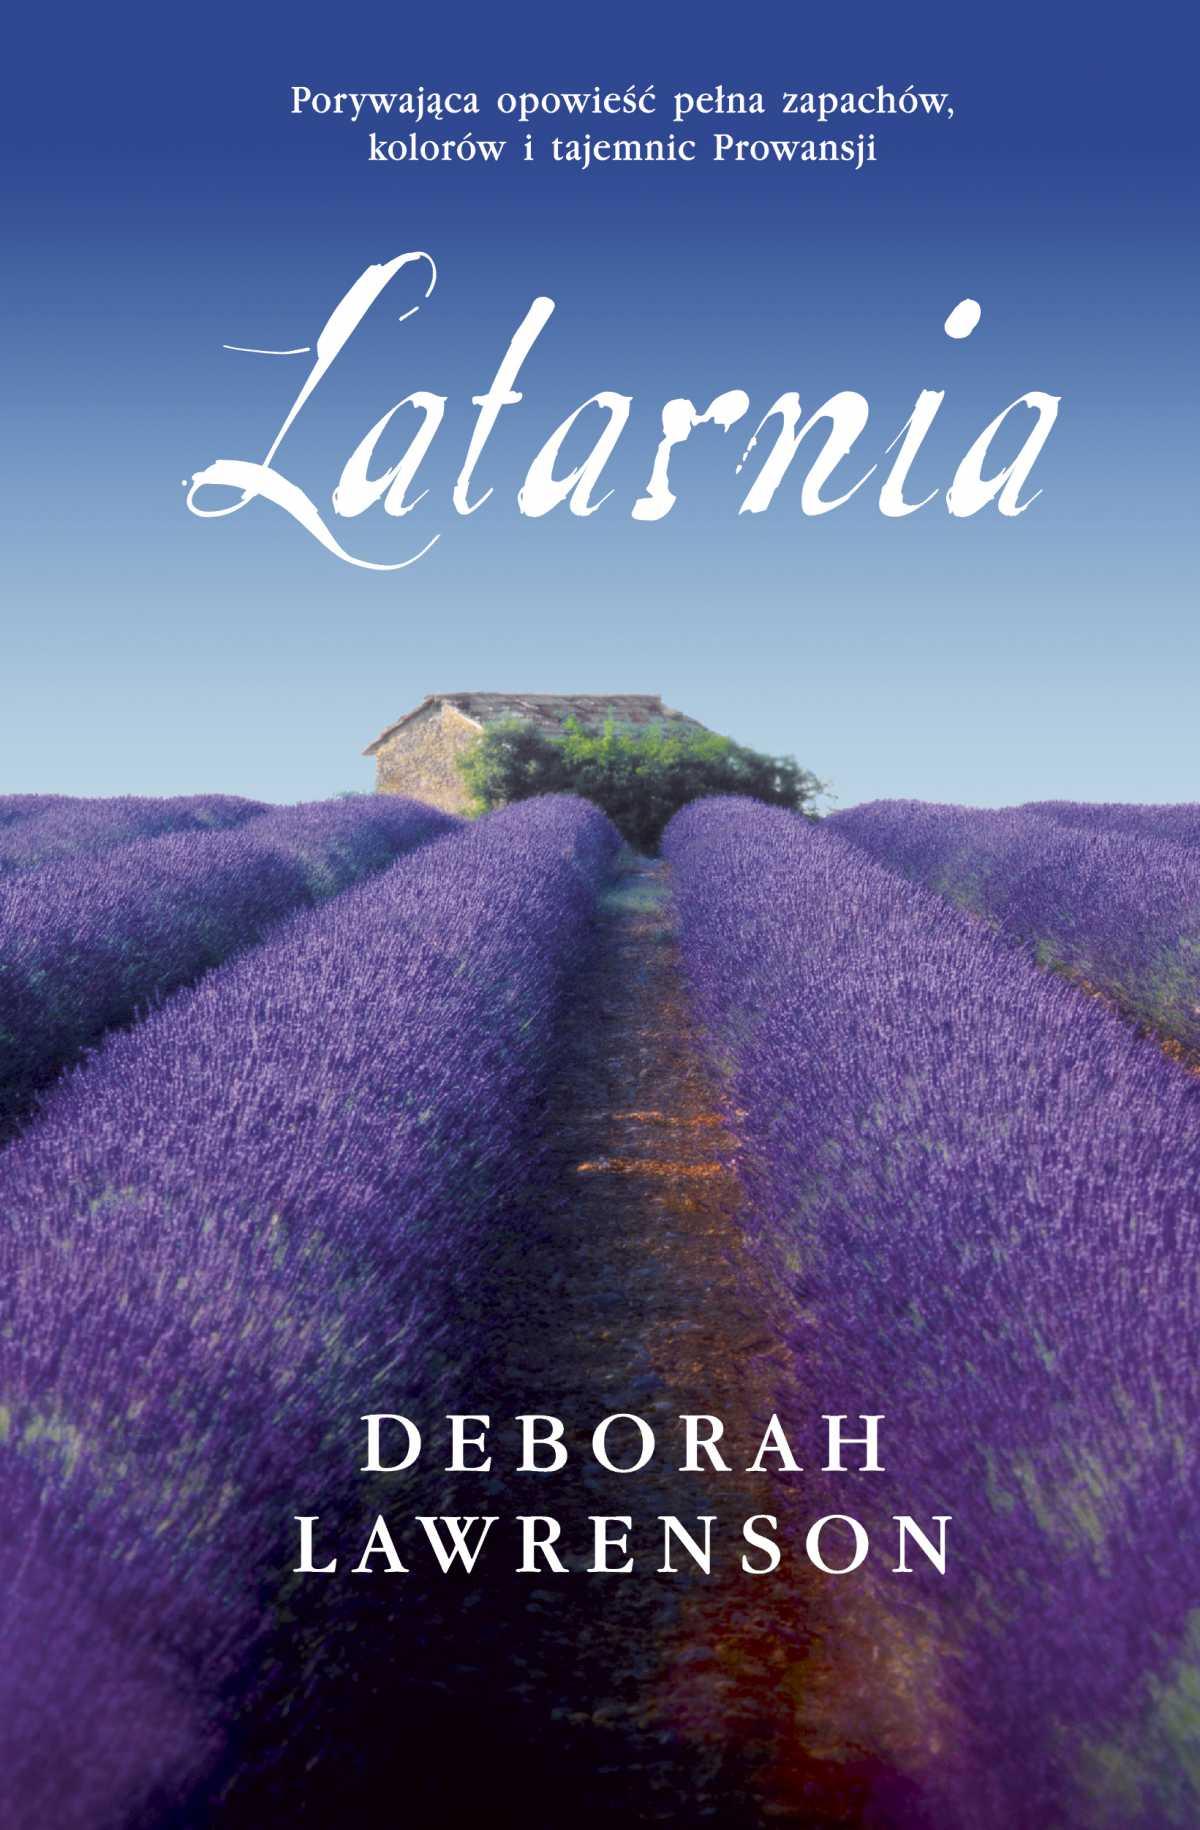 Latarnia - Ebook (Książka EPUB) do pobrania w formacie EPUB